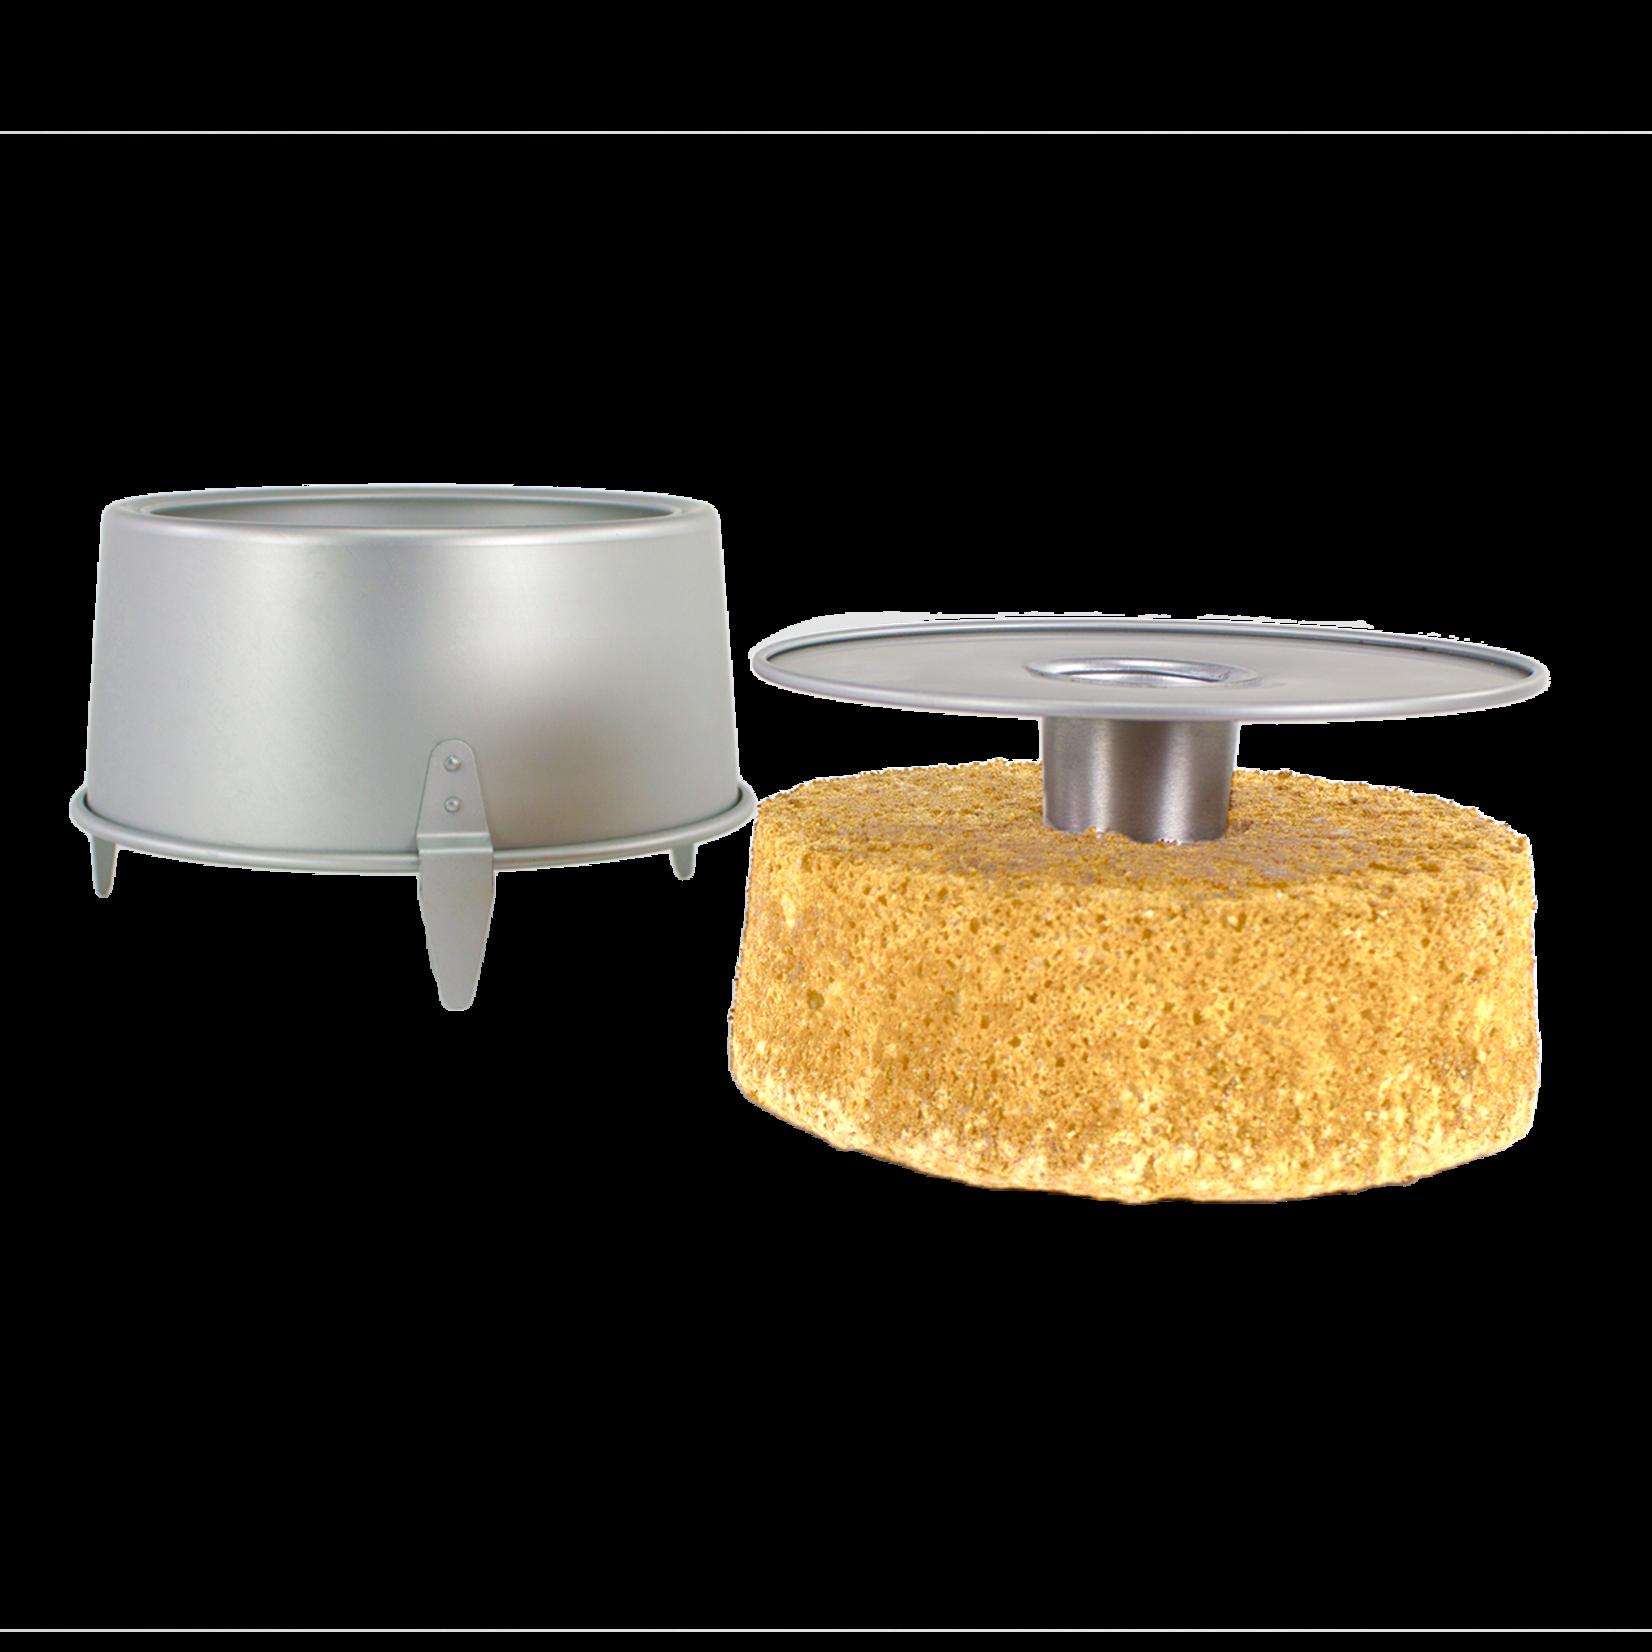 PME Bakvorm voor angel food cake 23x10cm